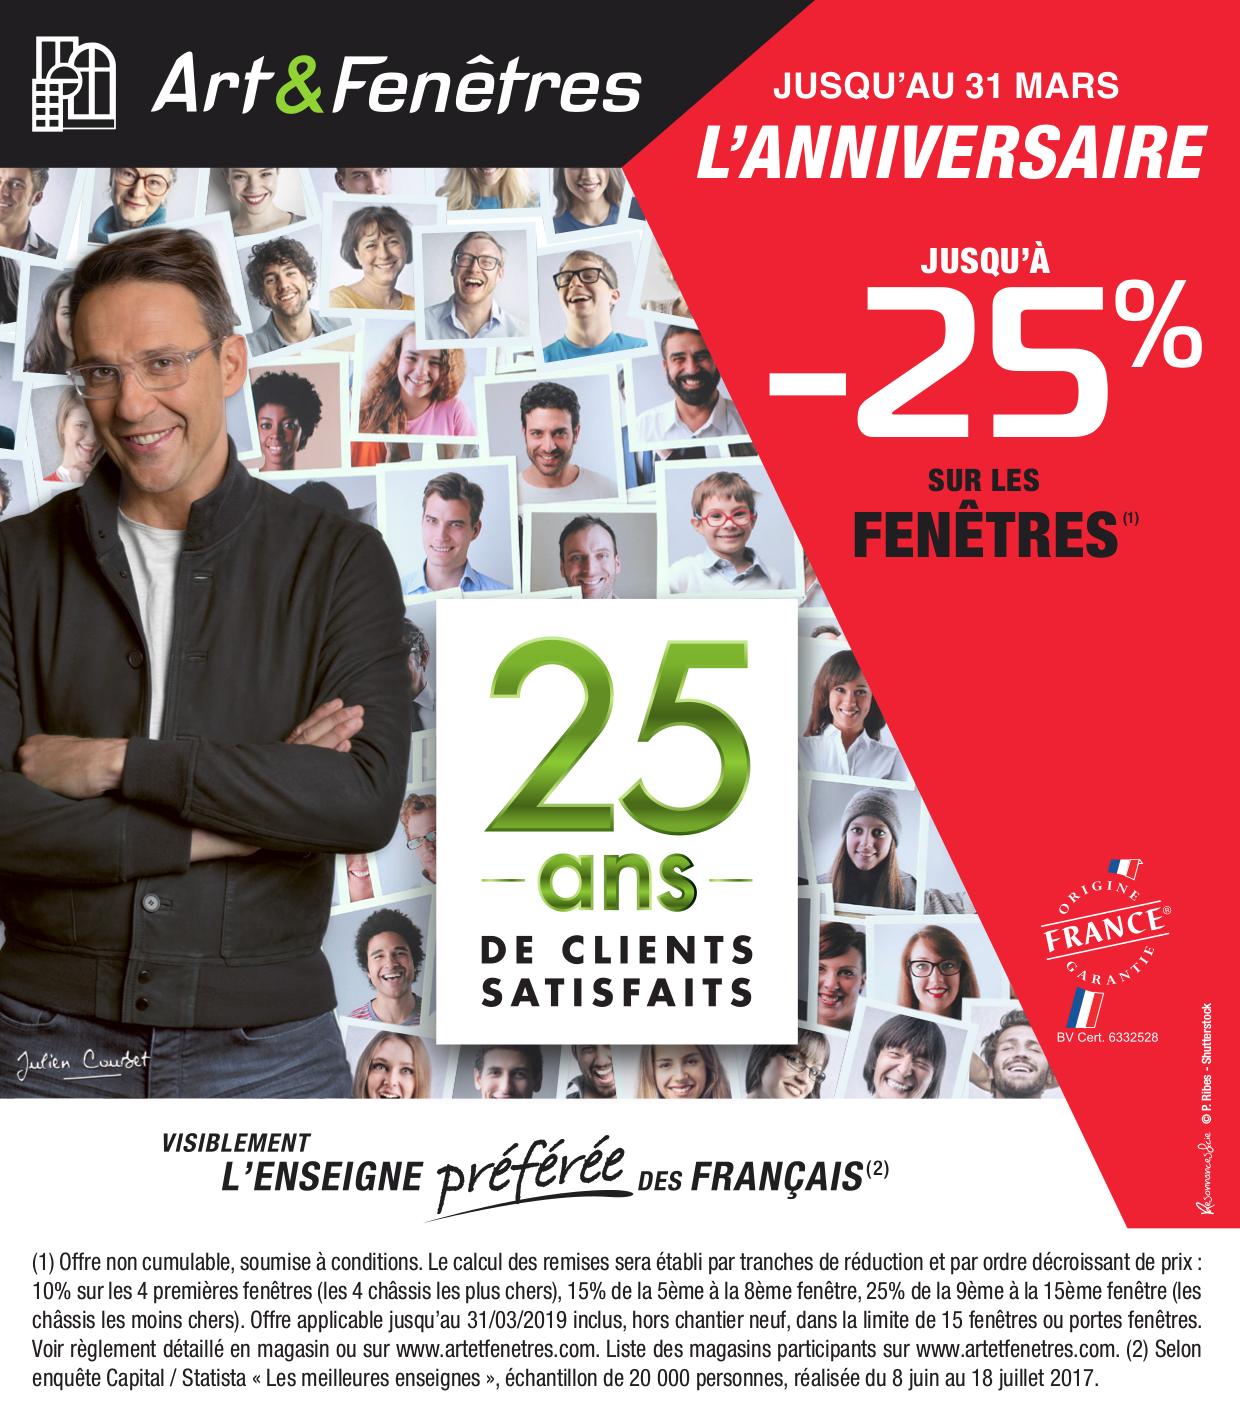 Art Et Fenetre Caudan jusqu'à - 25% sur toute la gamme de fenêtres art & fenêtres